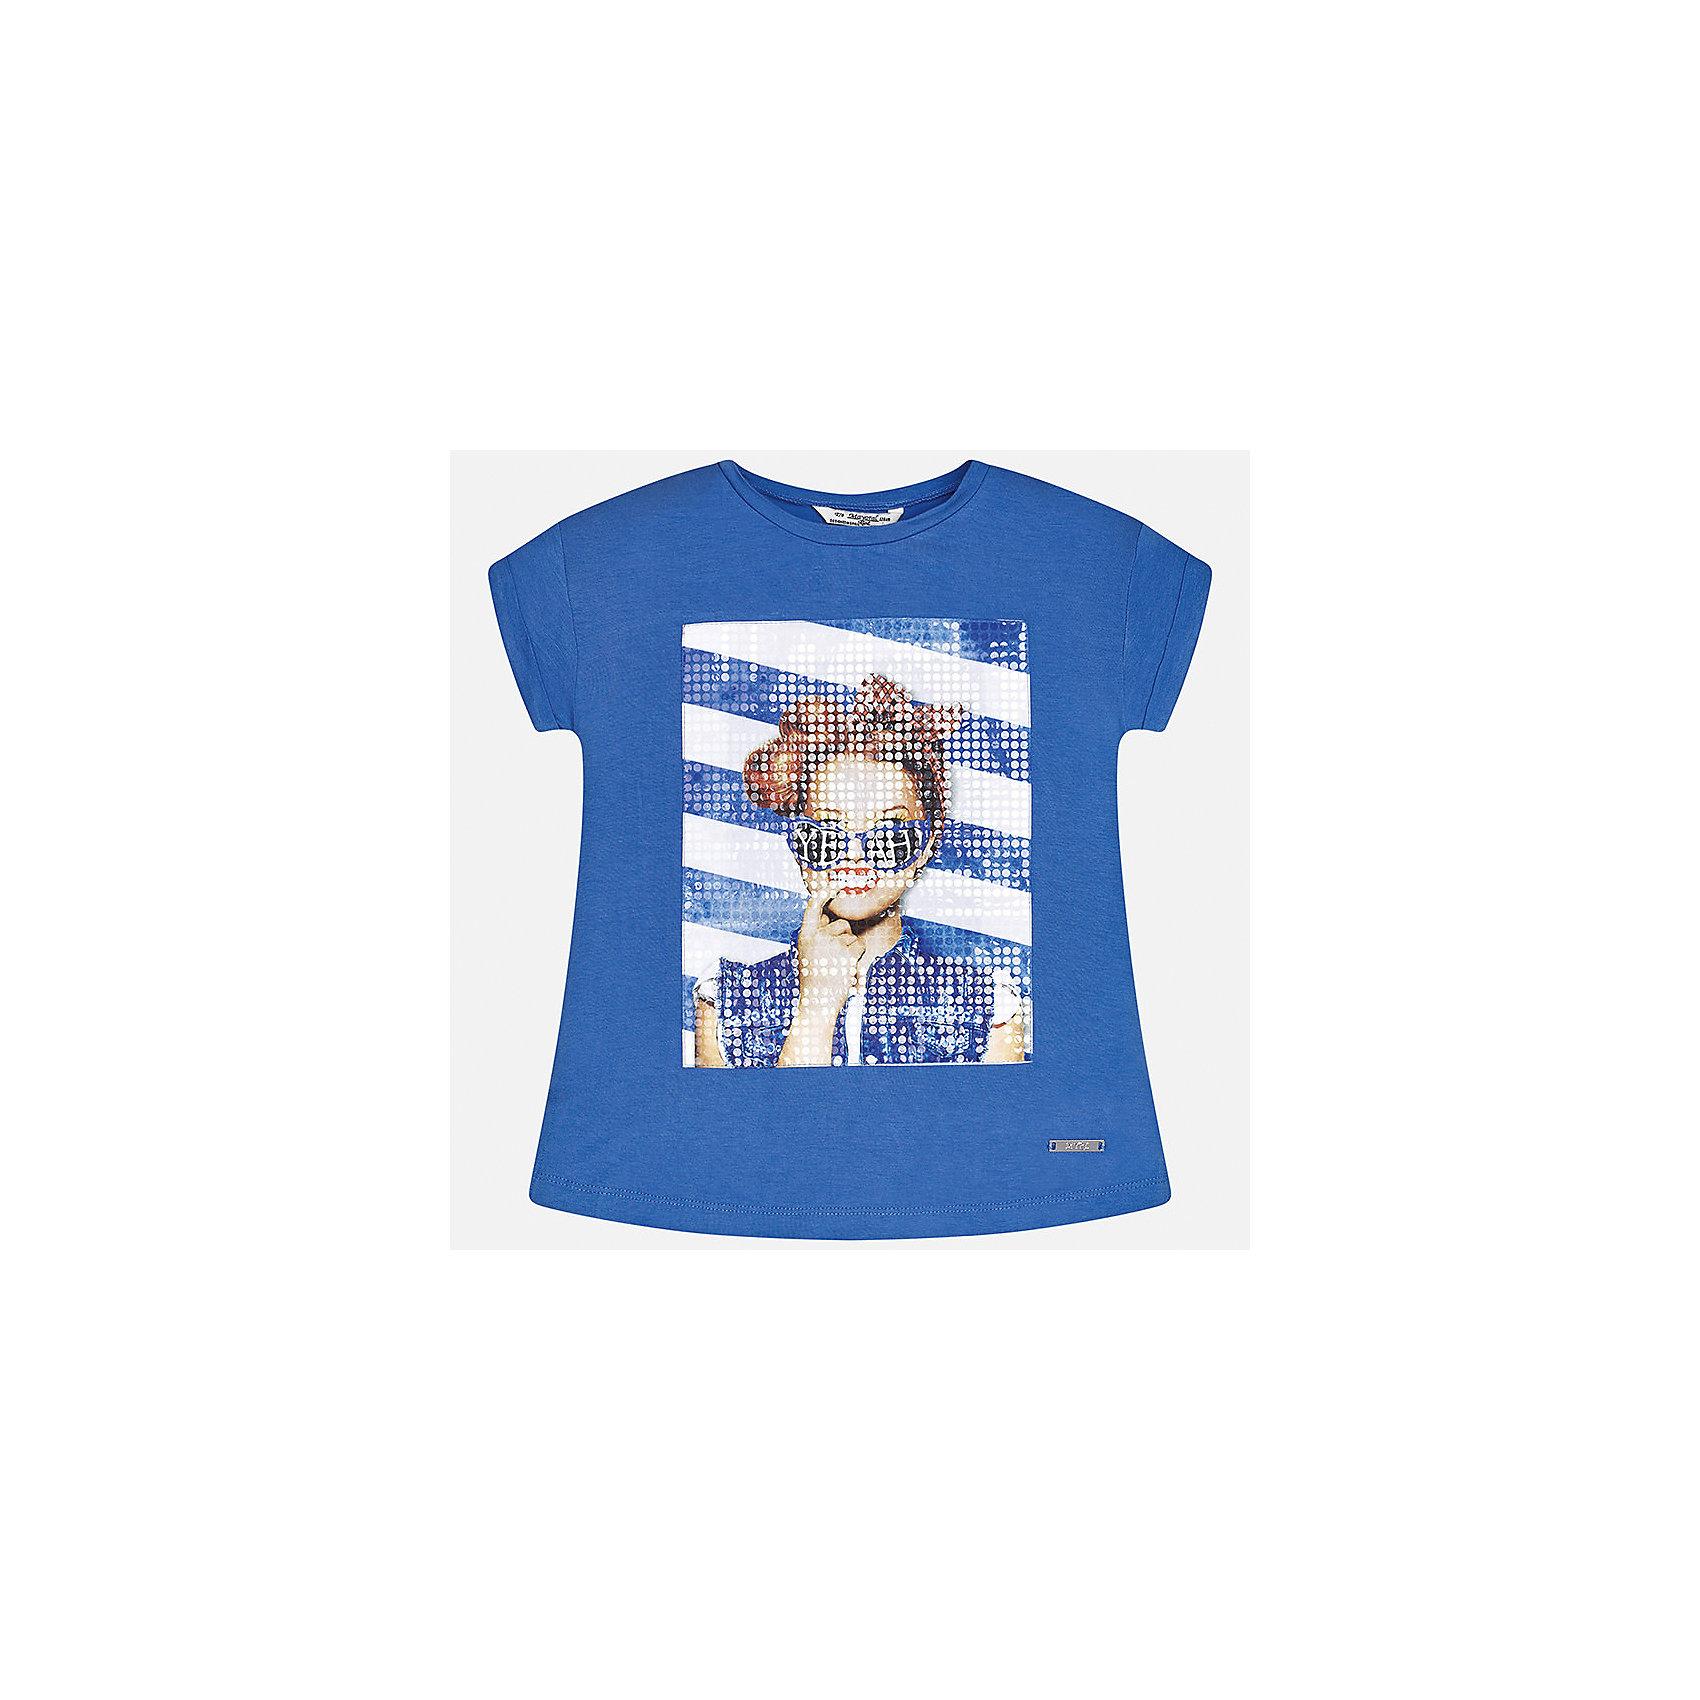 Футболка для девочки MayoralФутболки, поло и топы<br>Характеристики товара:<br><br>• цвет: синий<br>• состав: 95% вискоза, 5% эластан<br>• декорирована принтом<br>• короткие рукава<br>• округлый горловой вырез<br>• страна бренда: Испания<br><br>Стильная качественная футболка для девочки поможет разнообразить гардероб ребенка и украсить наряд. Она отлично сочетается и с юбками, и с шортами, и с брюками. Интересная отделка модели делает её нарядной и оригинальной. <br><br>Футболку для девочки от испанского бренда Mayoral (Майорал) можно купить в нашем интернет-магазине.<br><br>Ширина мм: 199<br>Глубина мм: 10<br>Высота мм: 161<br>Вес г: 151<br>Цвет: синий<br>Возраст от месяцев: 108<br>Возраст до месяцев: 120<br>Пол: Женский<br>Возраст: Детский<br>Размер: 140,170,128/134,152,158,164<br>SKU: 5292512